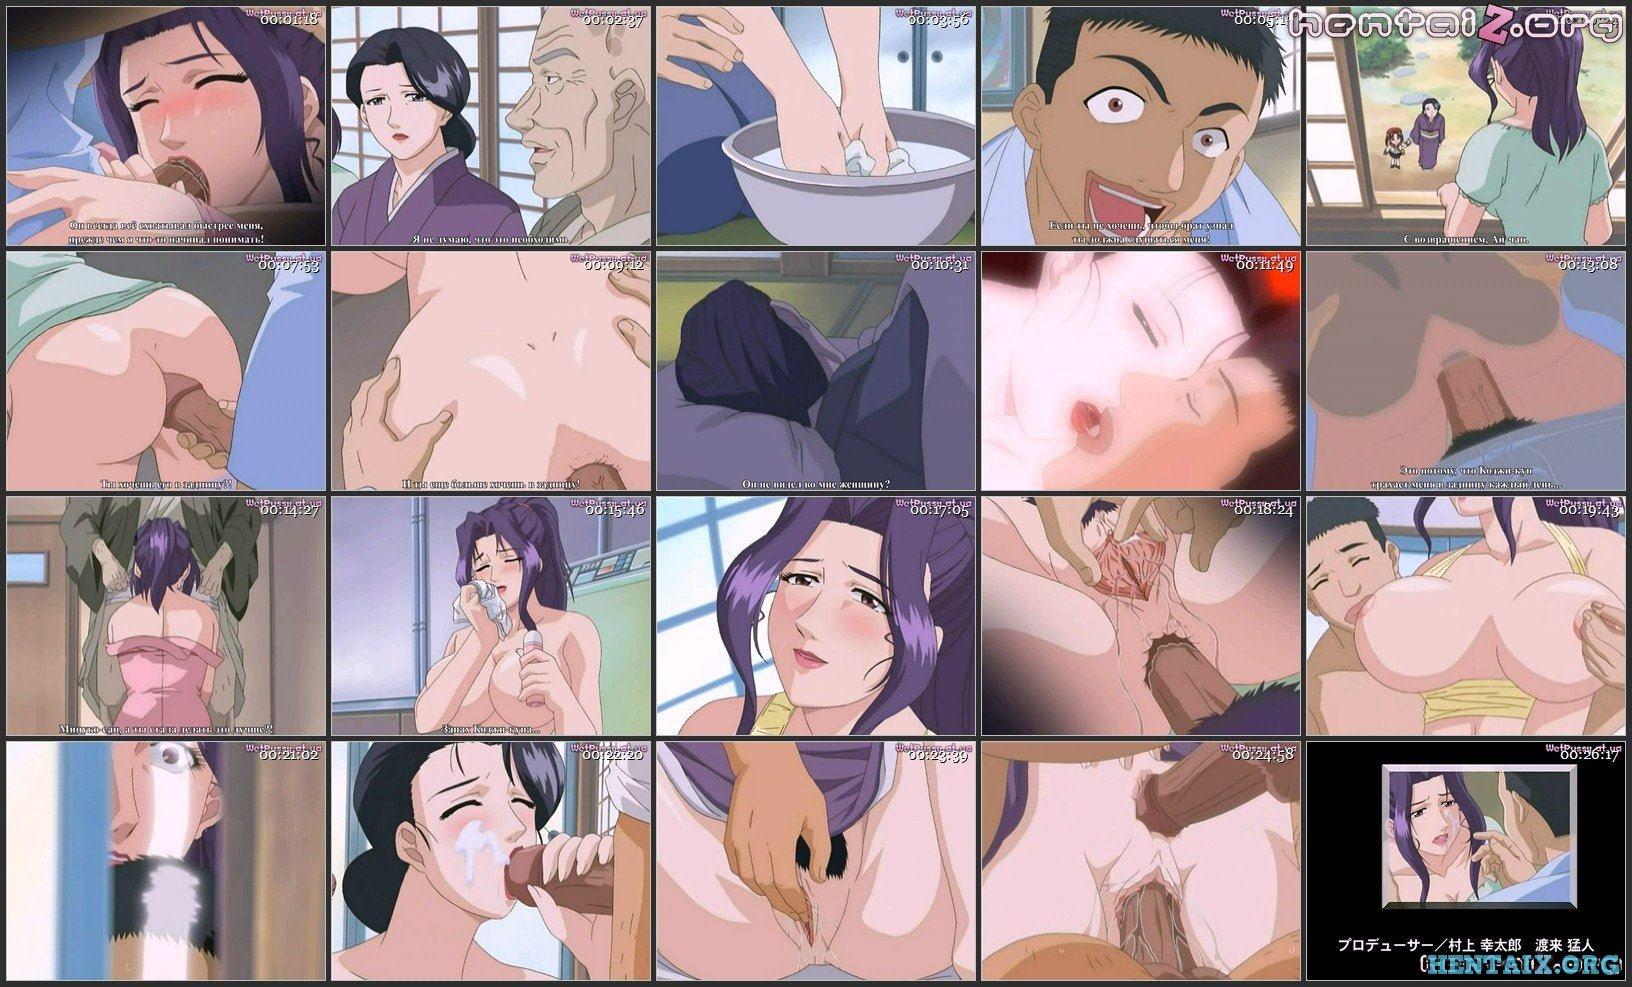 порно аниме онлайн русский язык фото